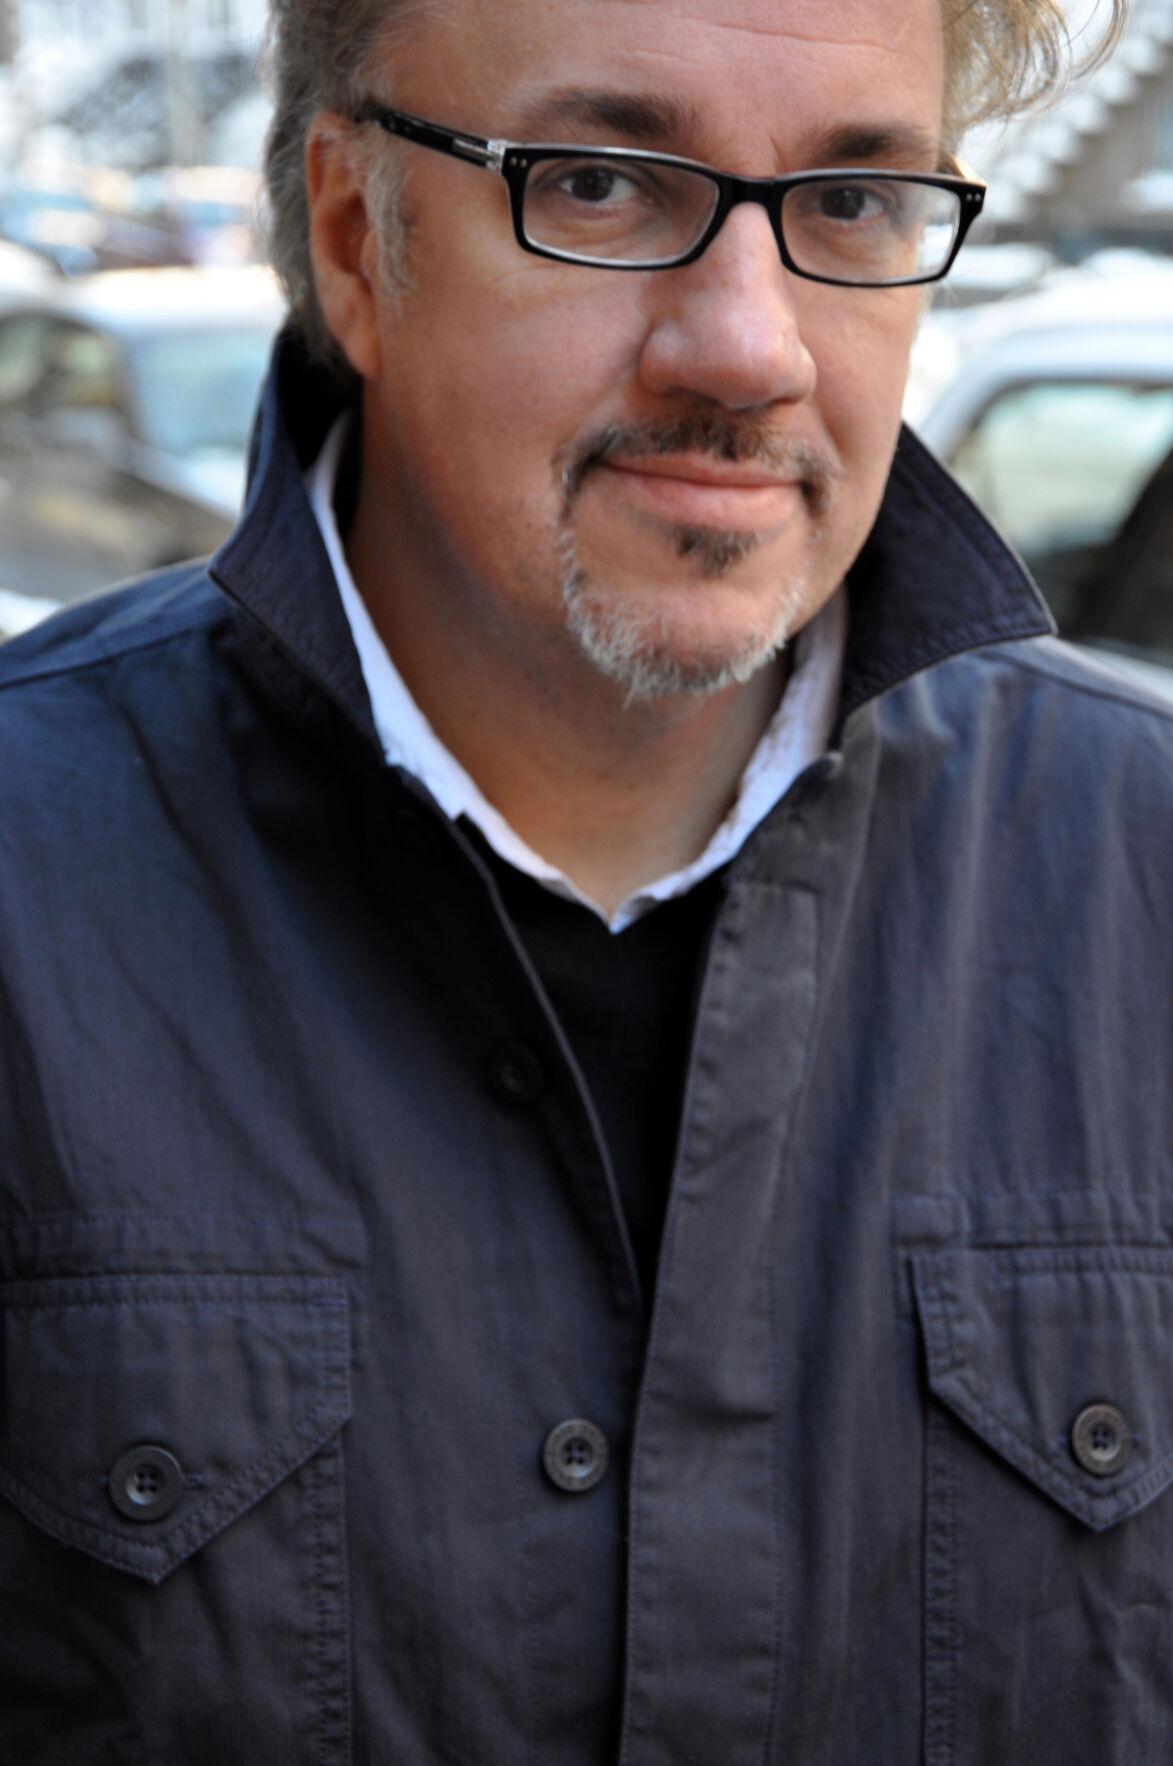 Alex Tresniowski profile picture.jpg